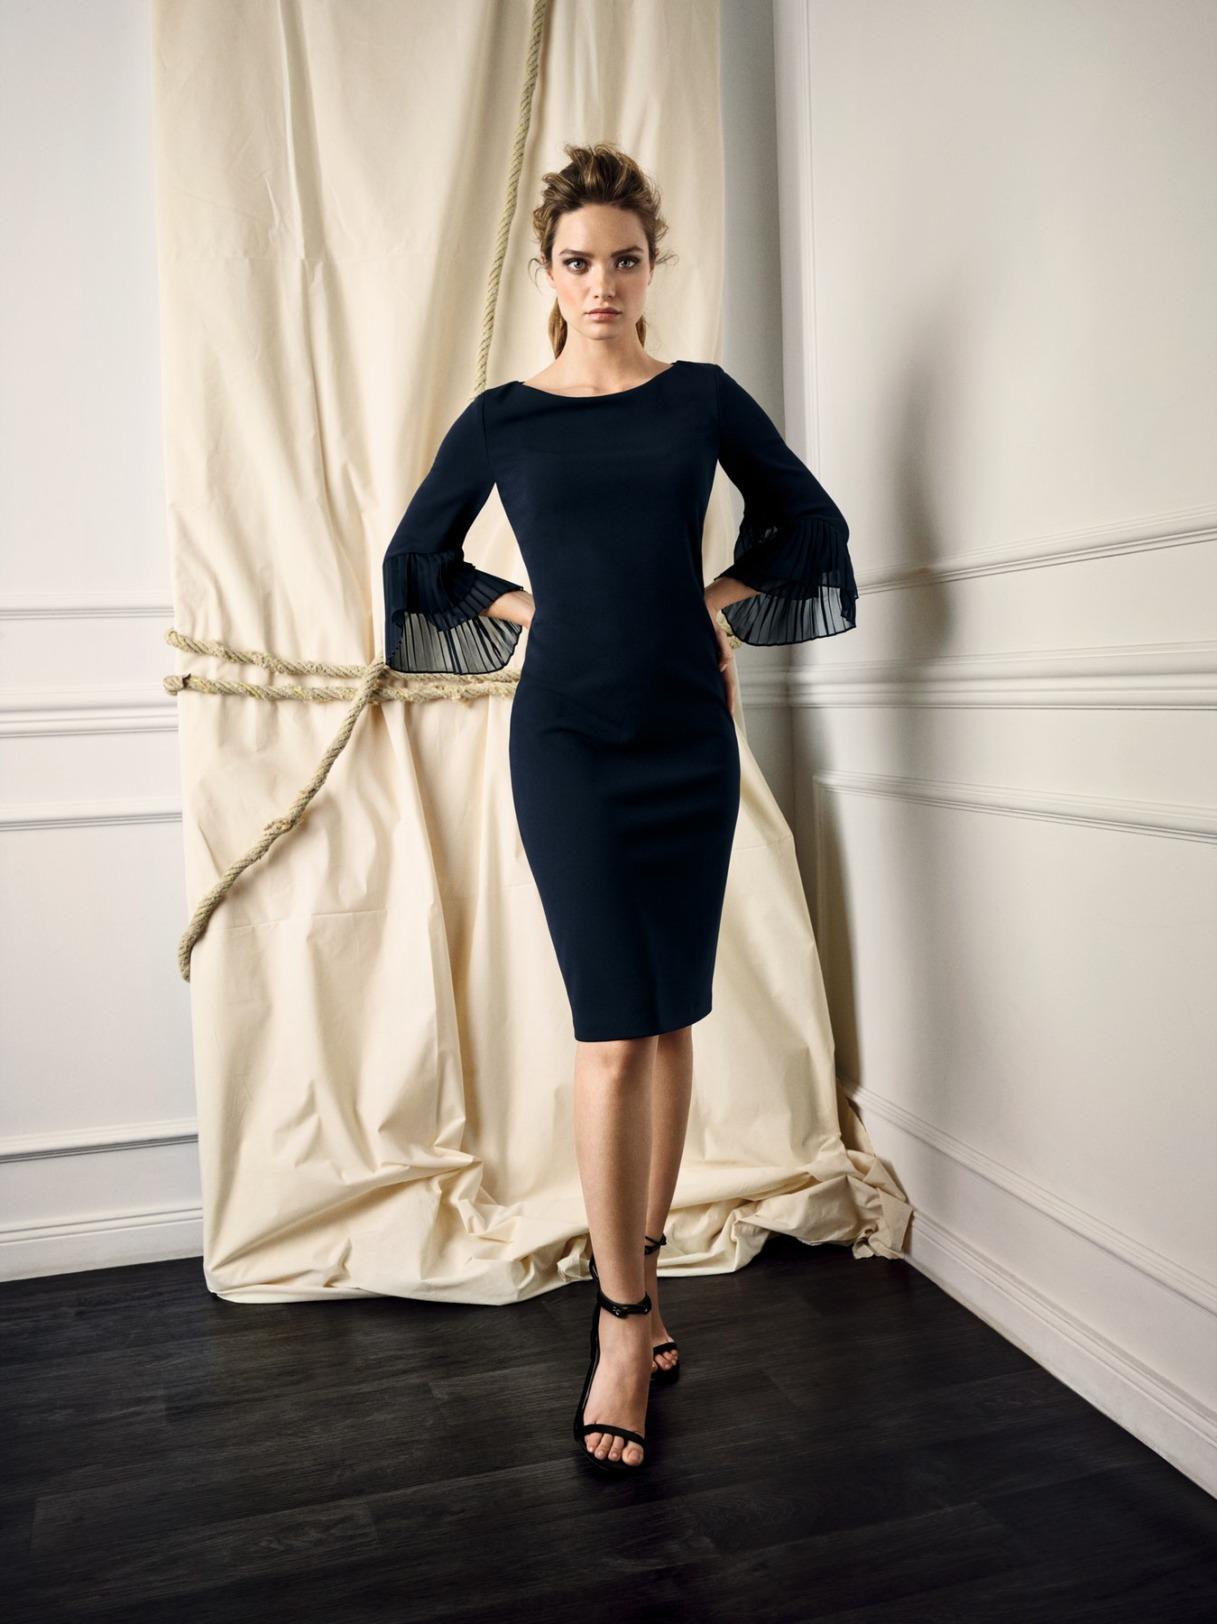 Vera Mont Kleid Anlass Mode Hochzeit Festmode Damen für Eltern mit Arm kurz dunkelblau navy blau